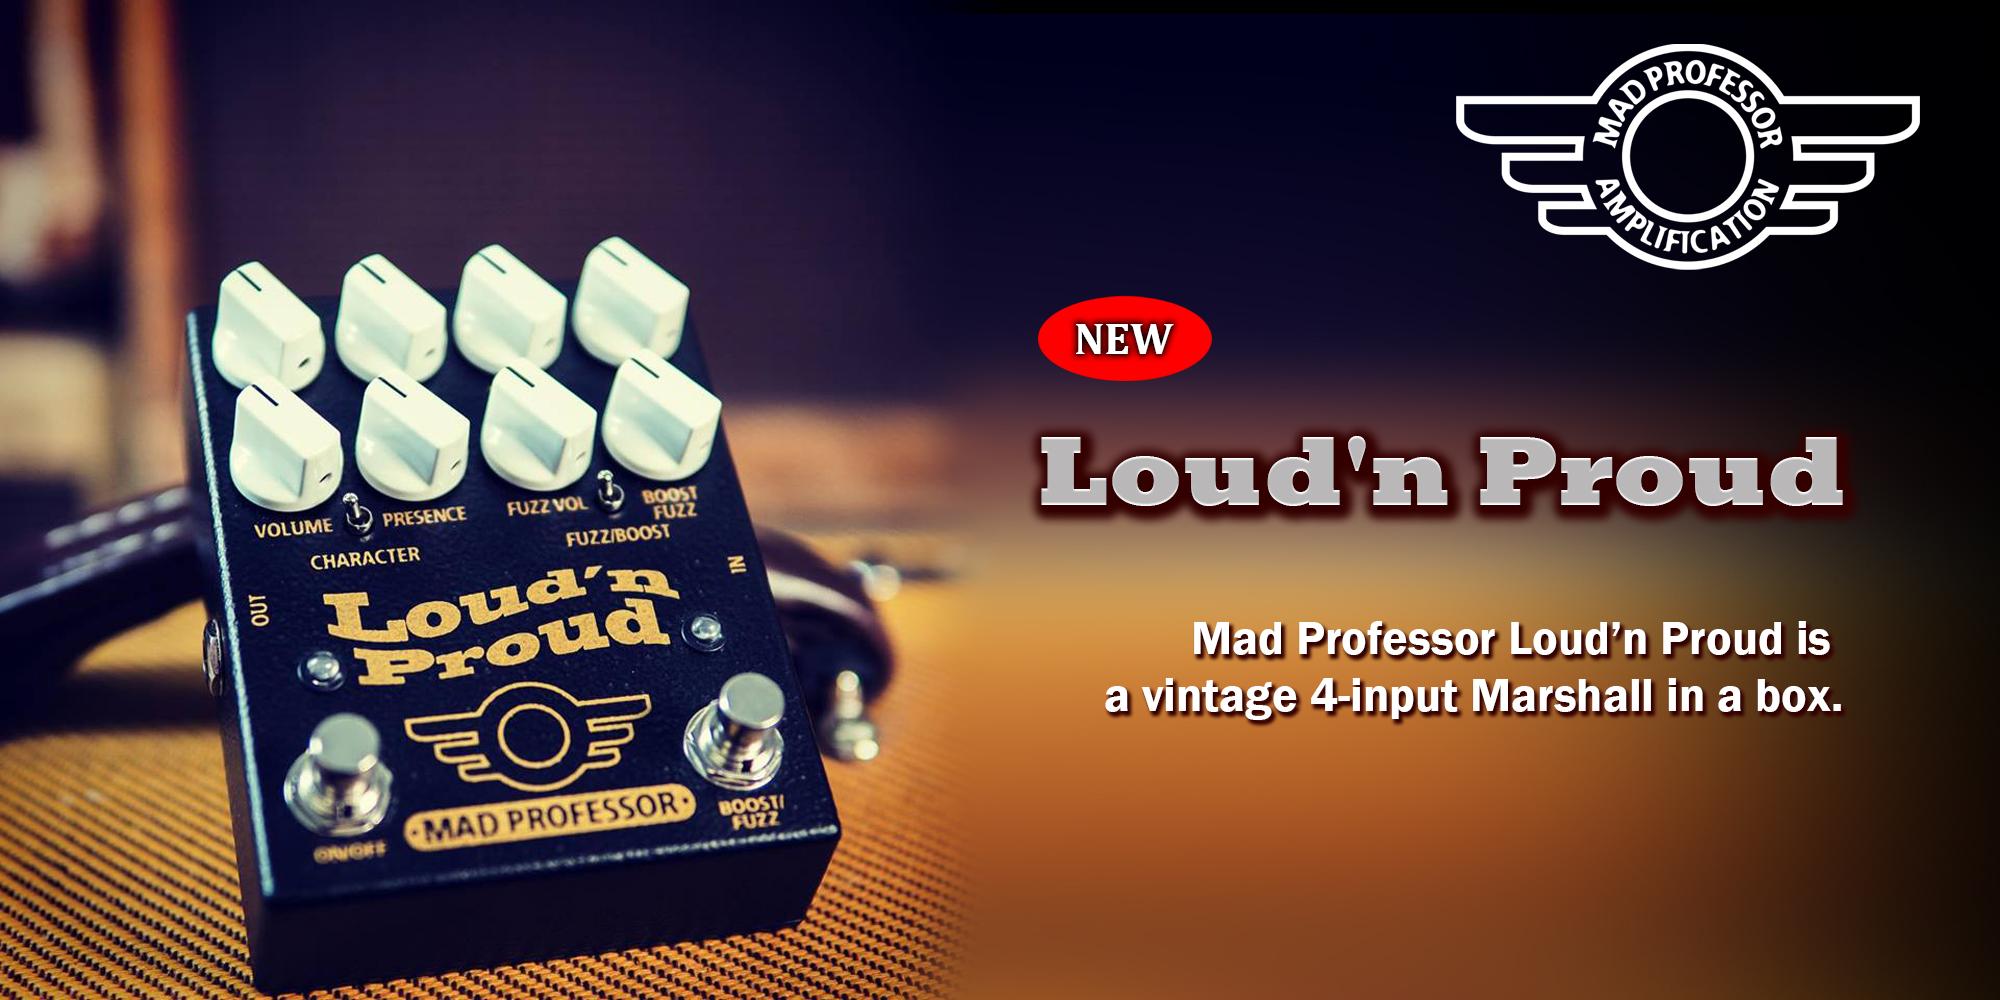 MP_Loud_n_Proud